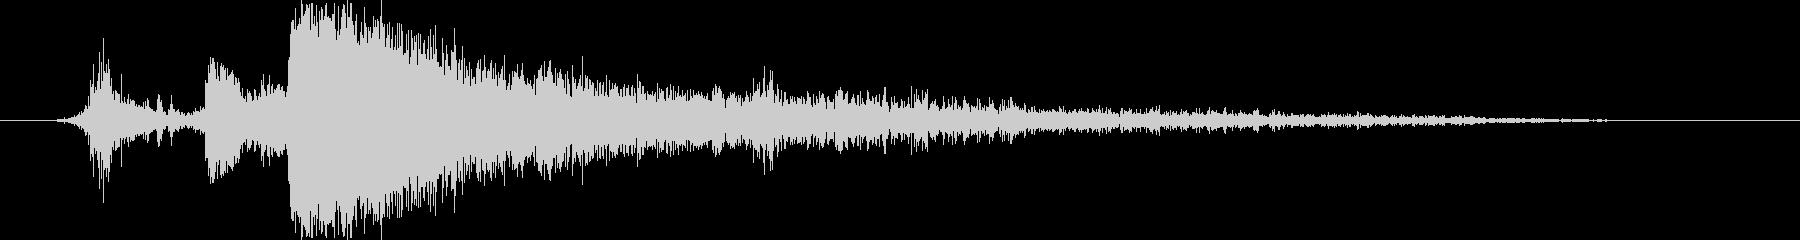 サンダークラップ6-ヘビー、ロングテールの未再生の波形